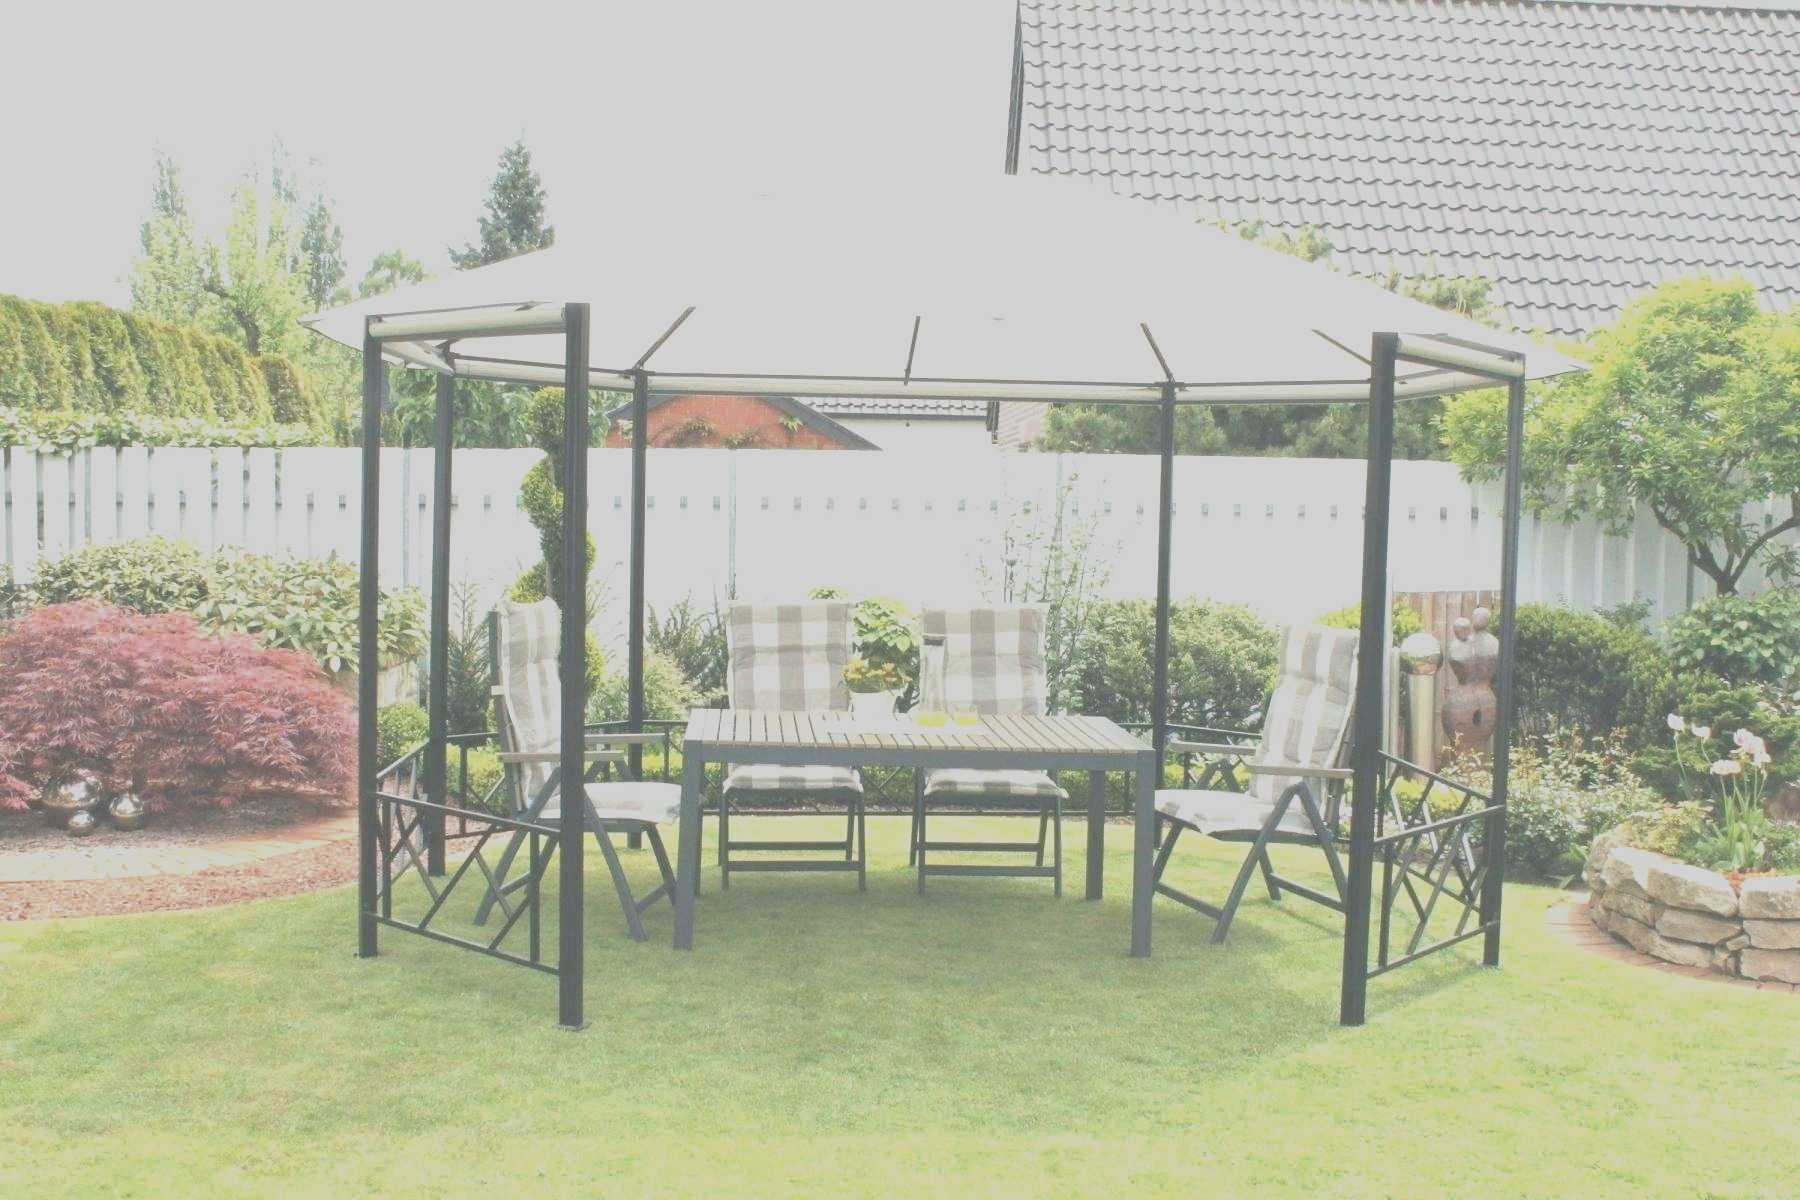 Full Size of Terrassen Pavillon Test Alu Bauhaus Freistehend Winterfest Aluminium Kaufen Terrasse Obi Wasserdicht Pergola Gestell Metall Pavillons Gartenpavillon Butterfly 3 Wohnzimmer Terrassen Pavillon